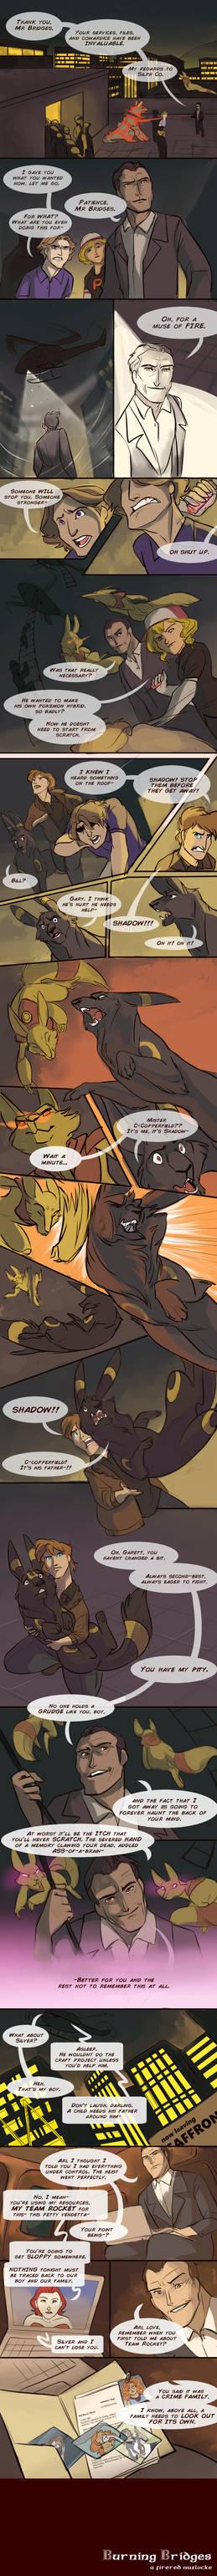 Burning Bridges Nuzlocke Page 13